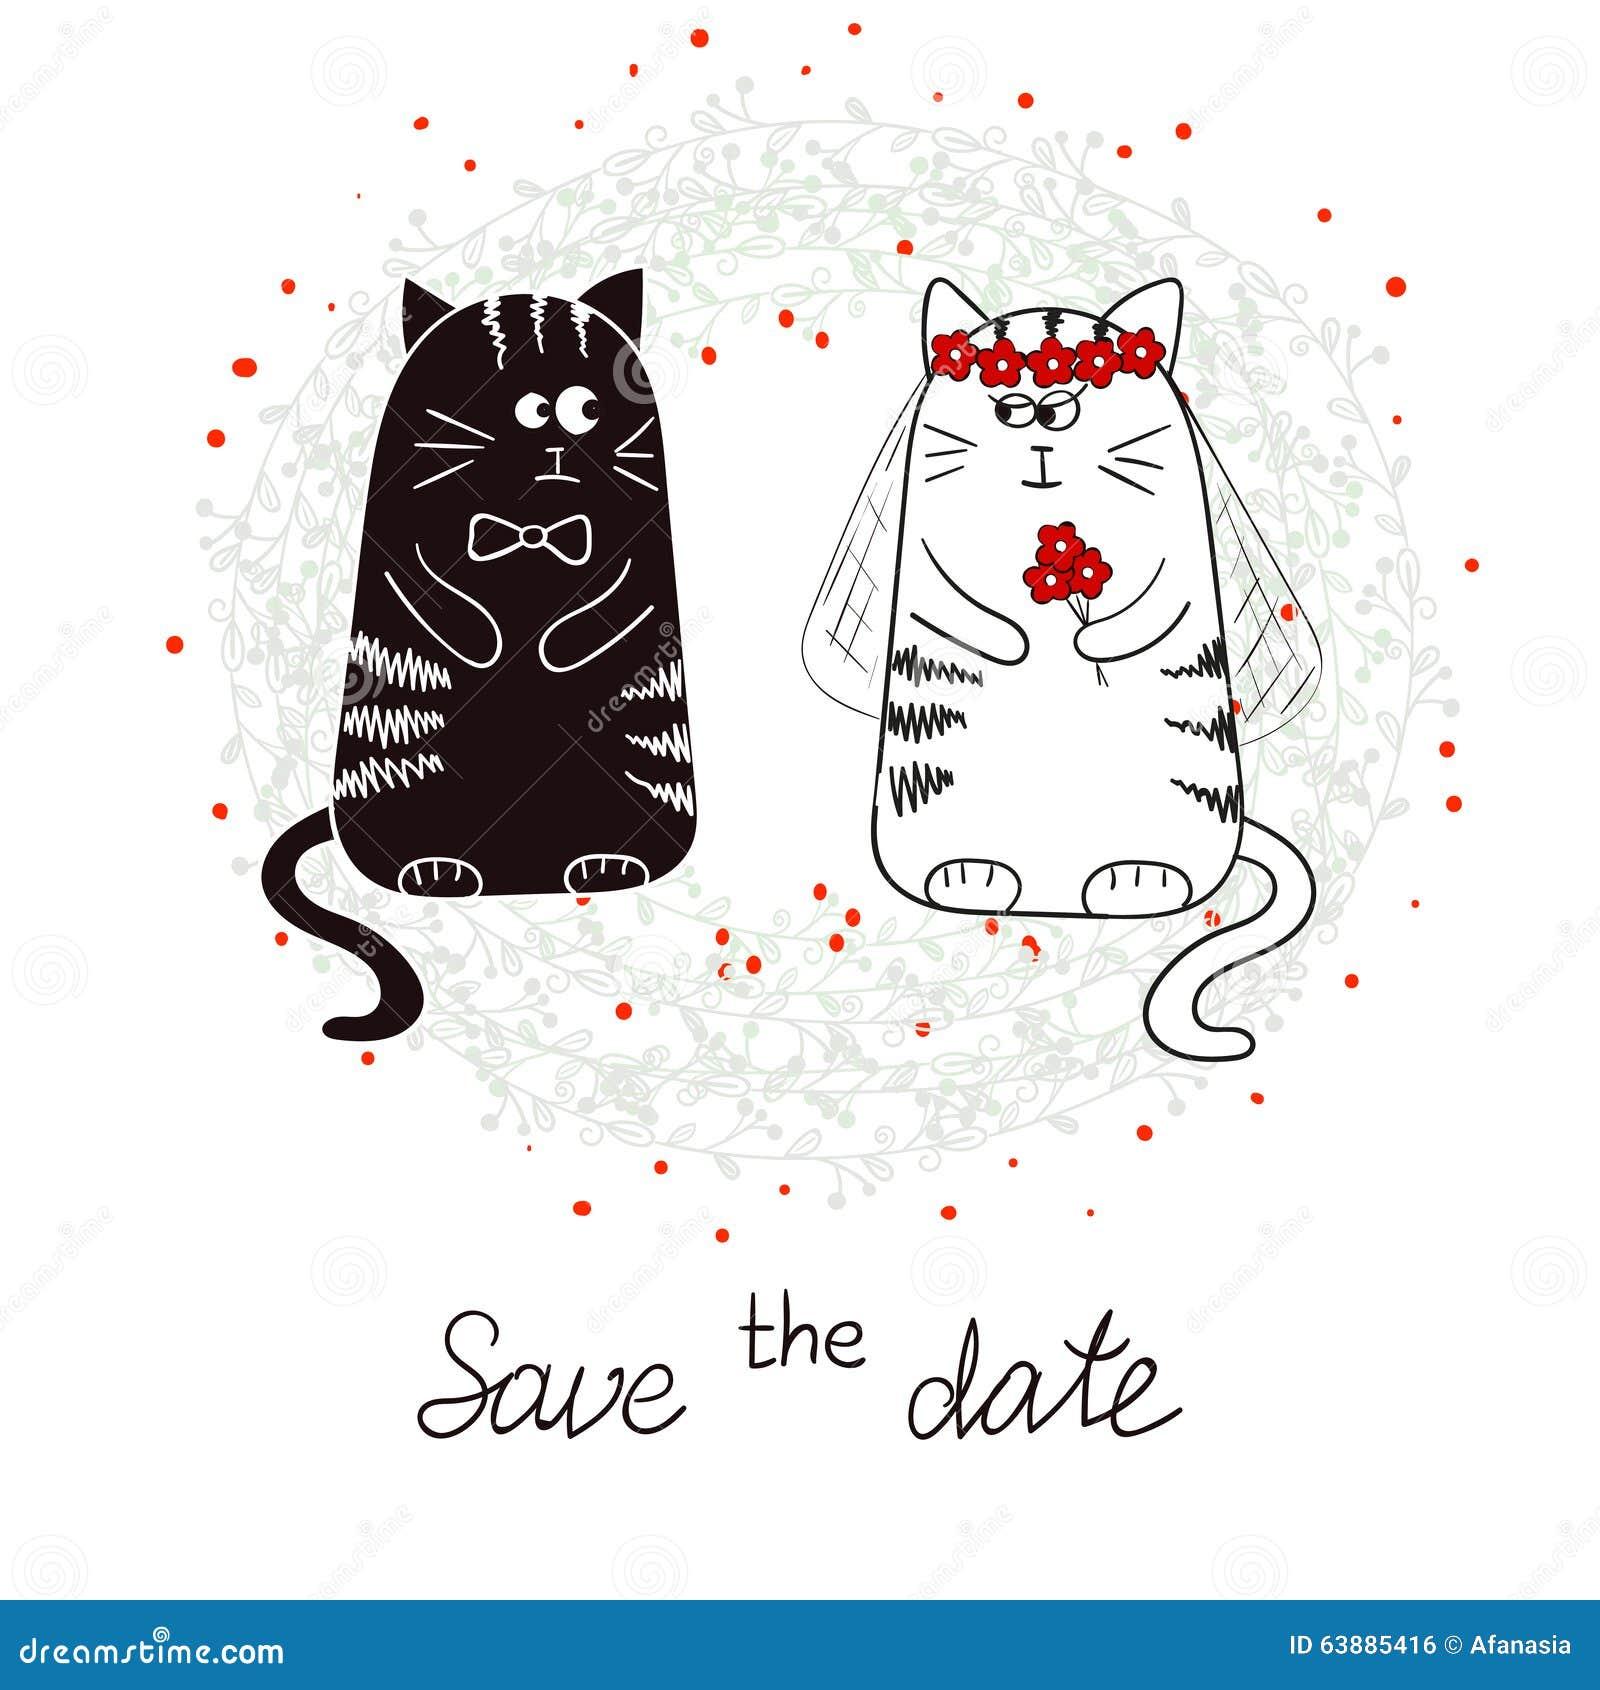 Watercolor Wedding Invite with beautiful invitations design